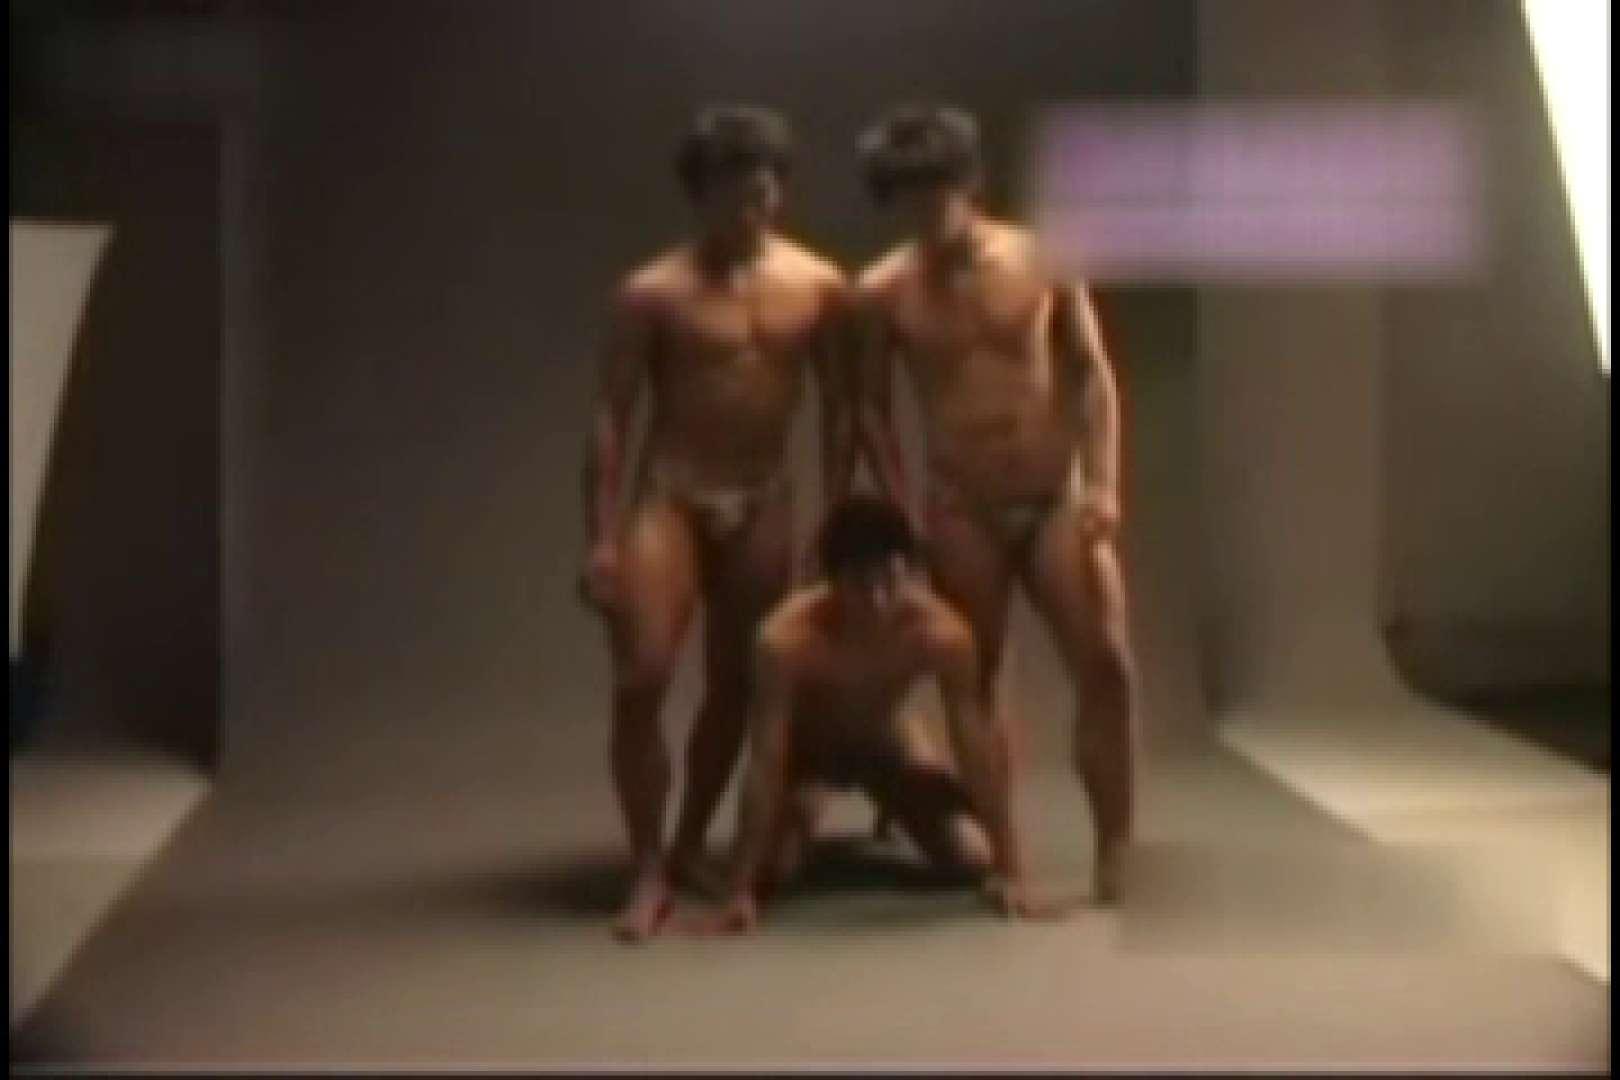 中出有名ゲイ雑誌★魅力●生★付録DVD収録スーパーモデルヌードvol4 イメージ (sex) | ヌード ゲイエロ画像 82枚 2